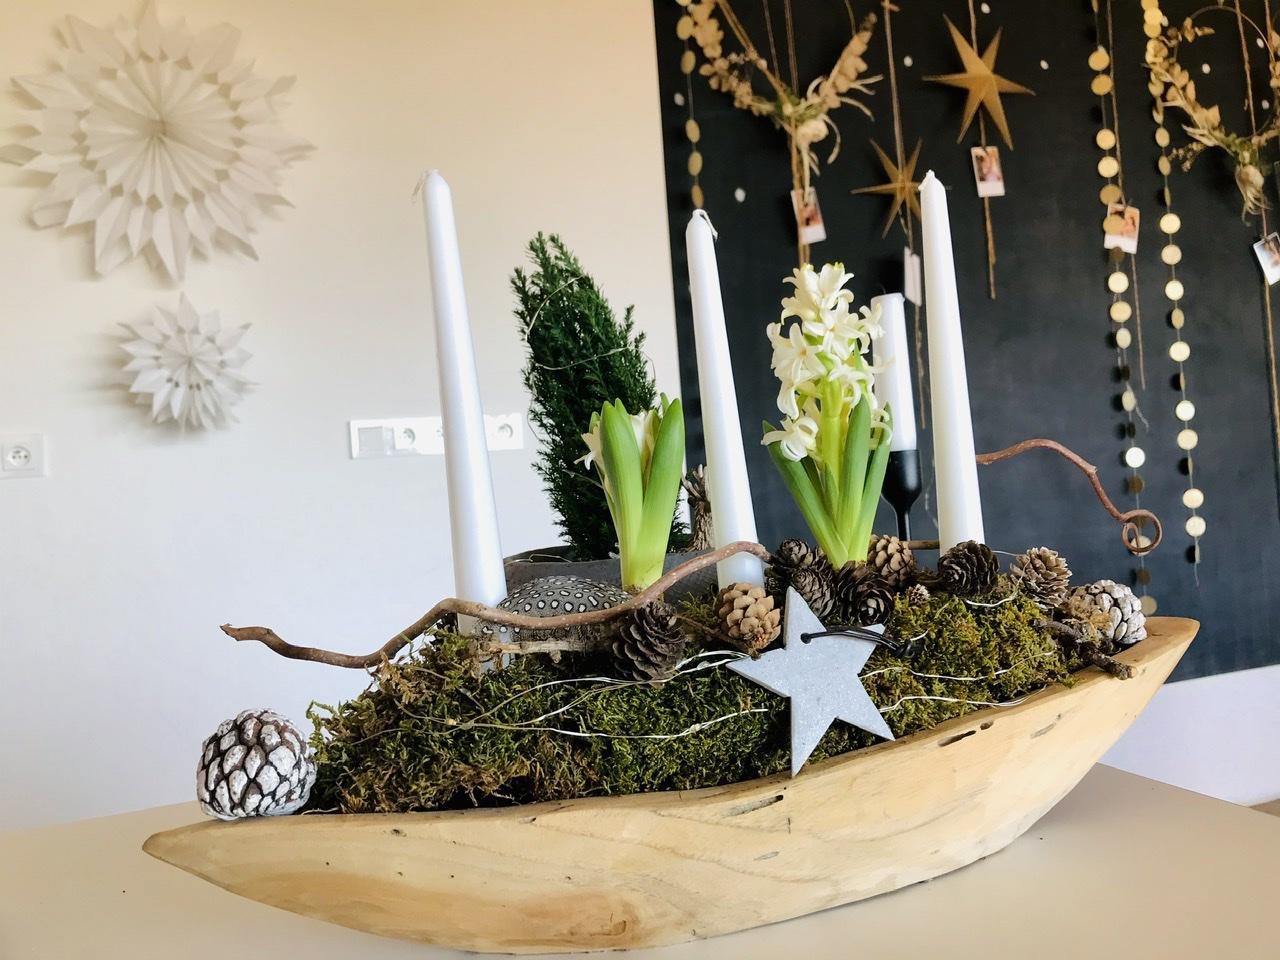 Naše L-ko - 2021 - stále dokončujeme - teaková misa a prírodné dekorácie - zakvitli biele hyacinty. Prajem krásný víkend